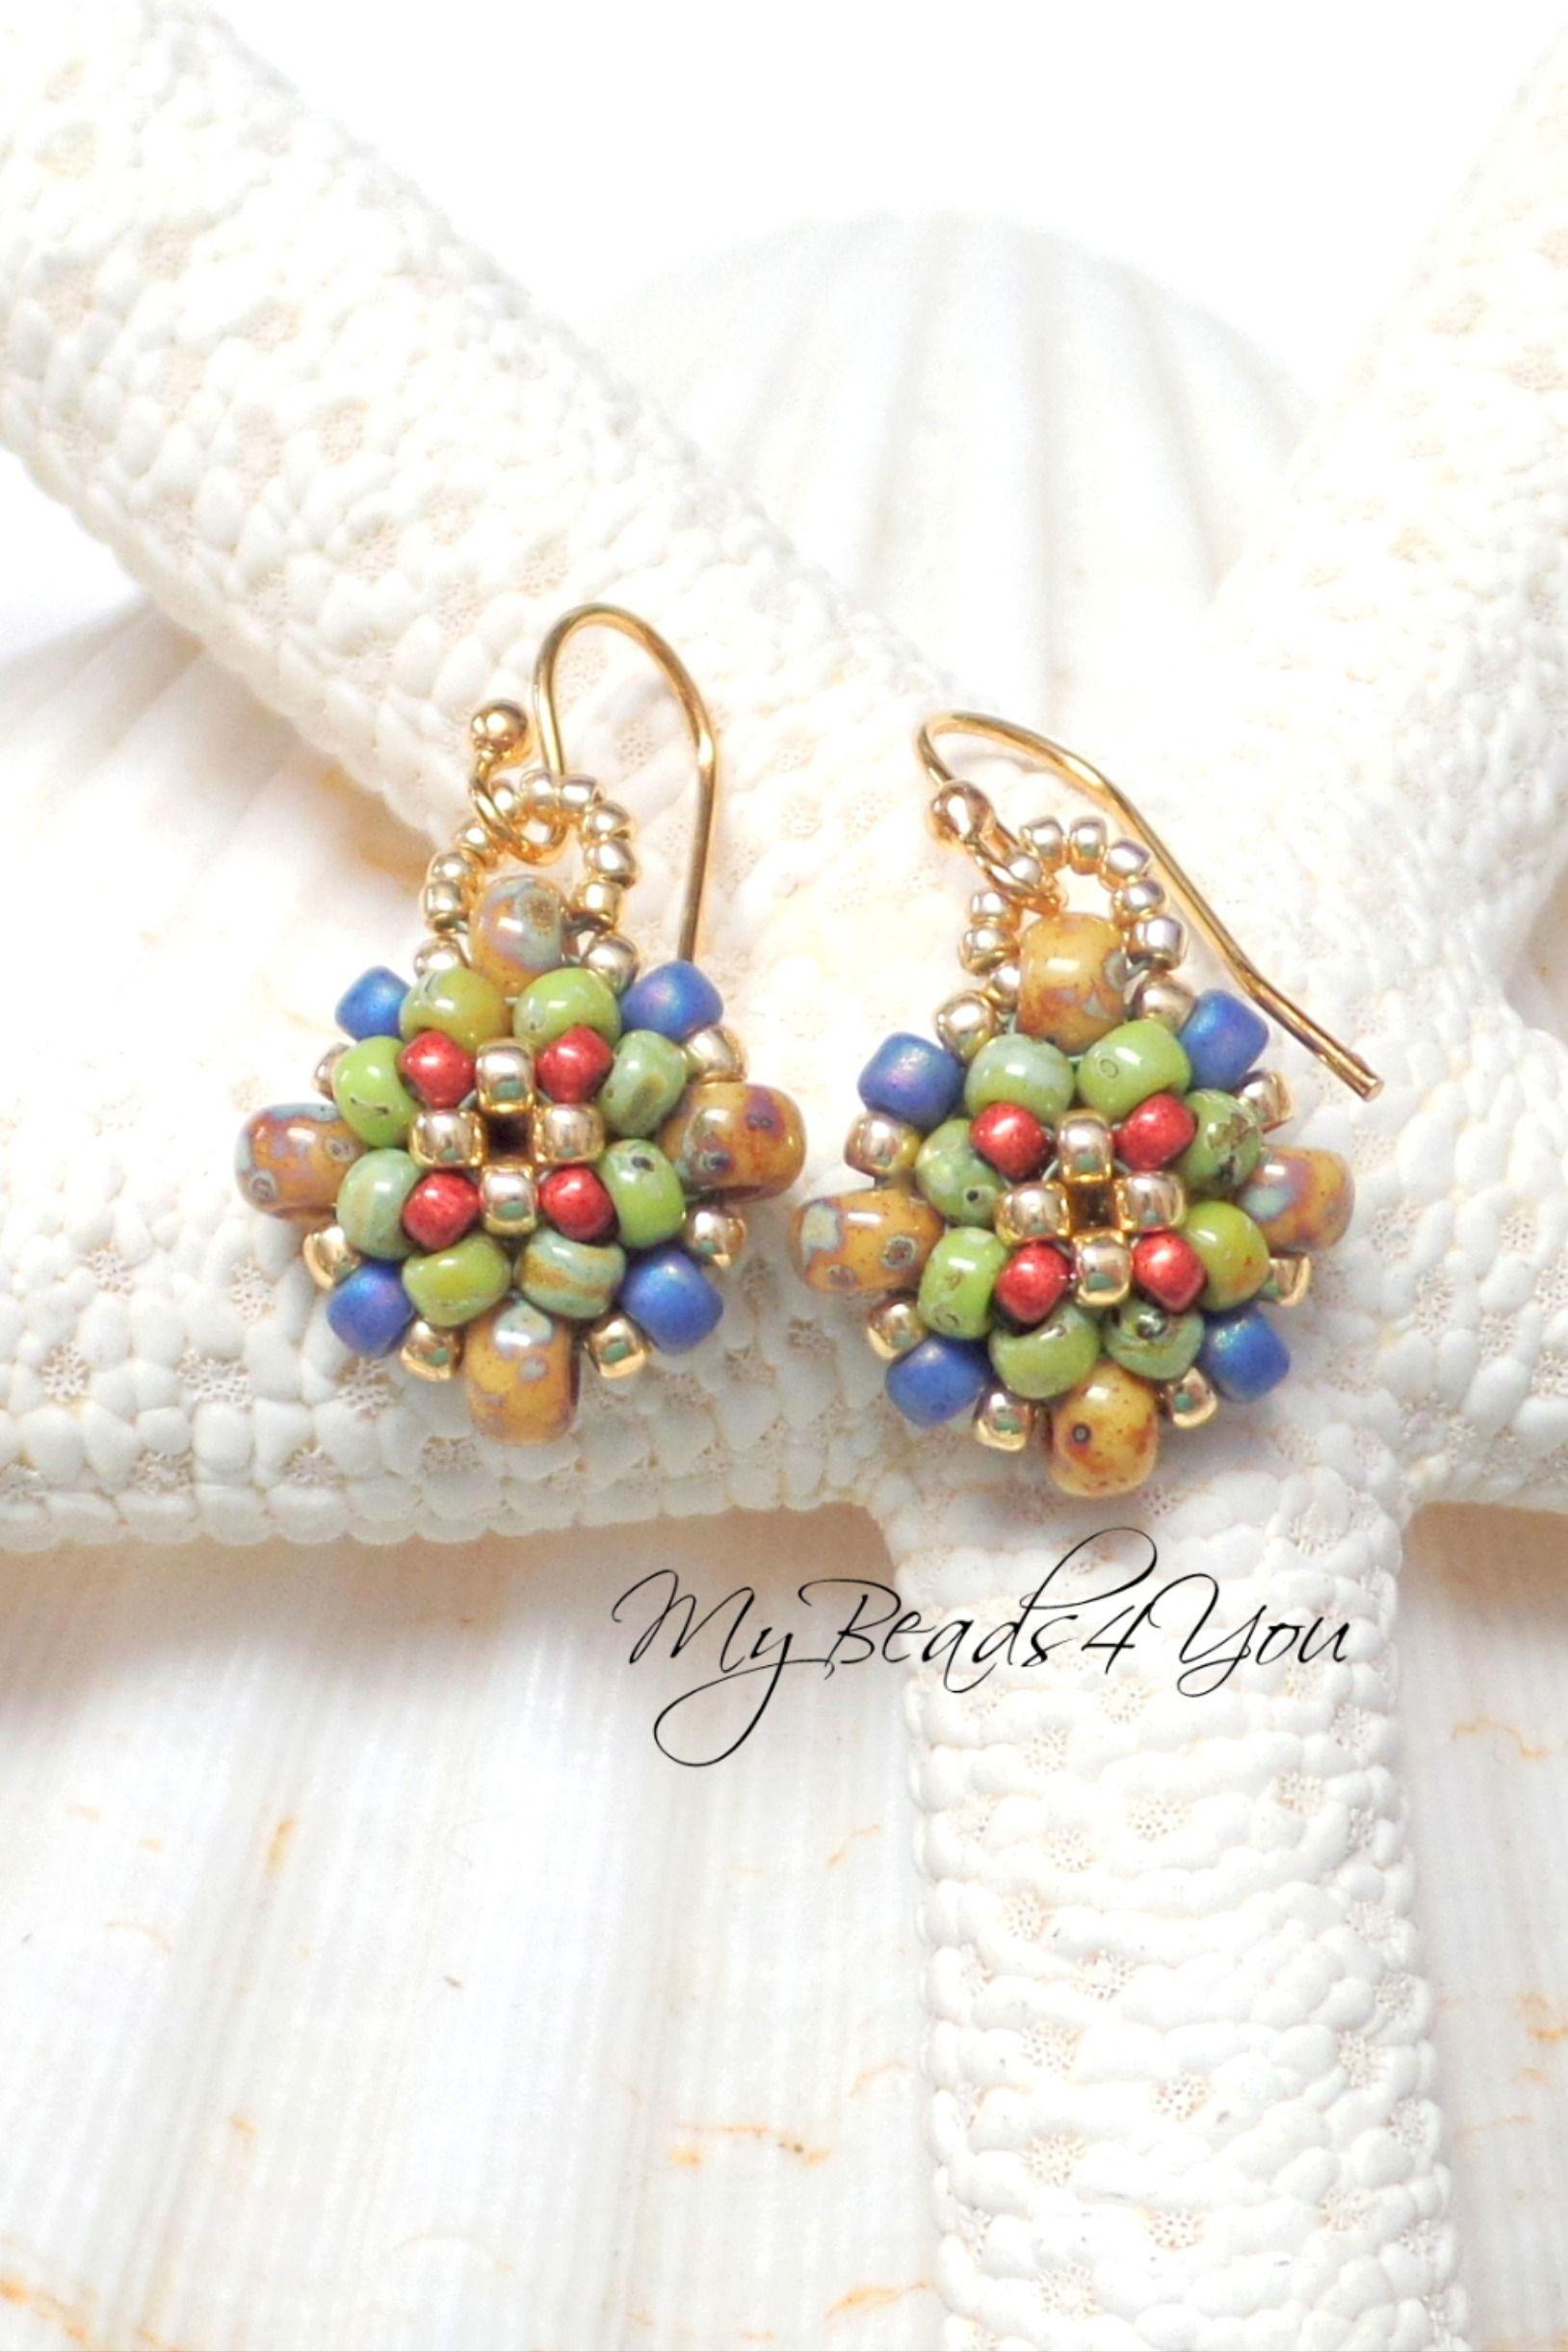 beaded earrings dangle earrings faux pearl /& golden beads decorative head pins gold plated ear wires,Golden Stardust drop earrings